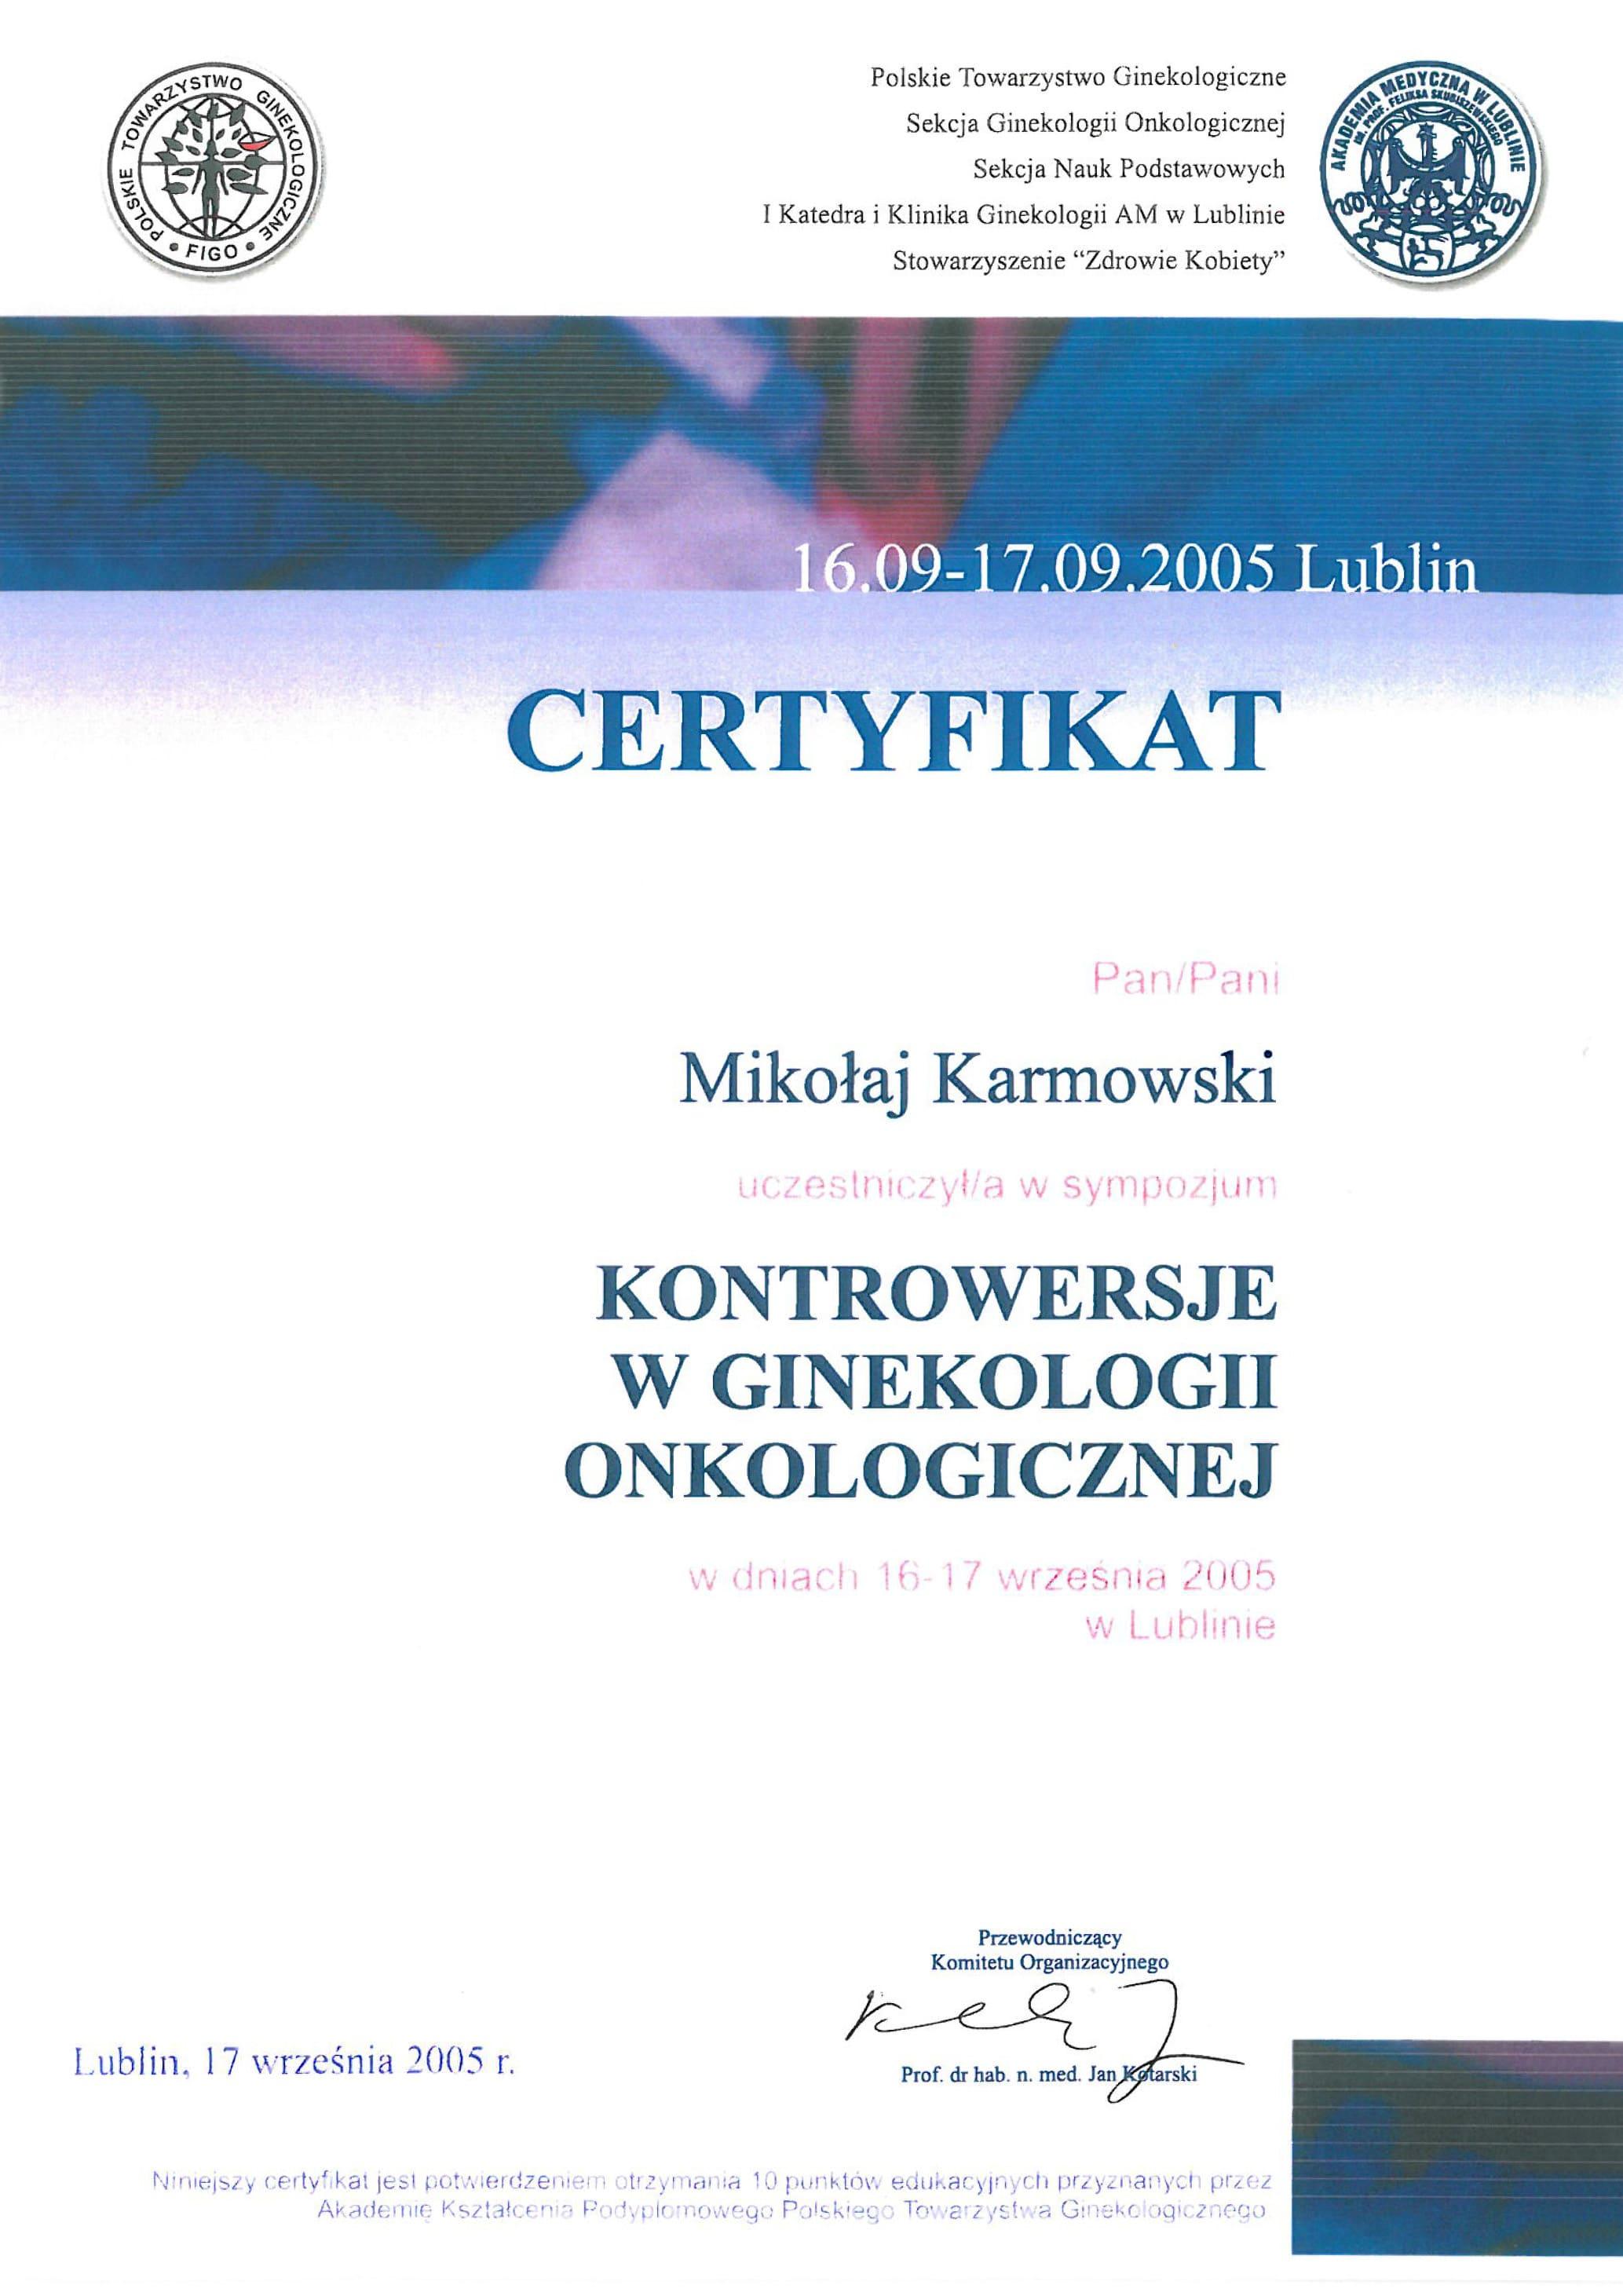 Mikołaj Karmowski certyfikat kontrowersje w ginekologii onkologicznej